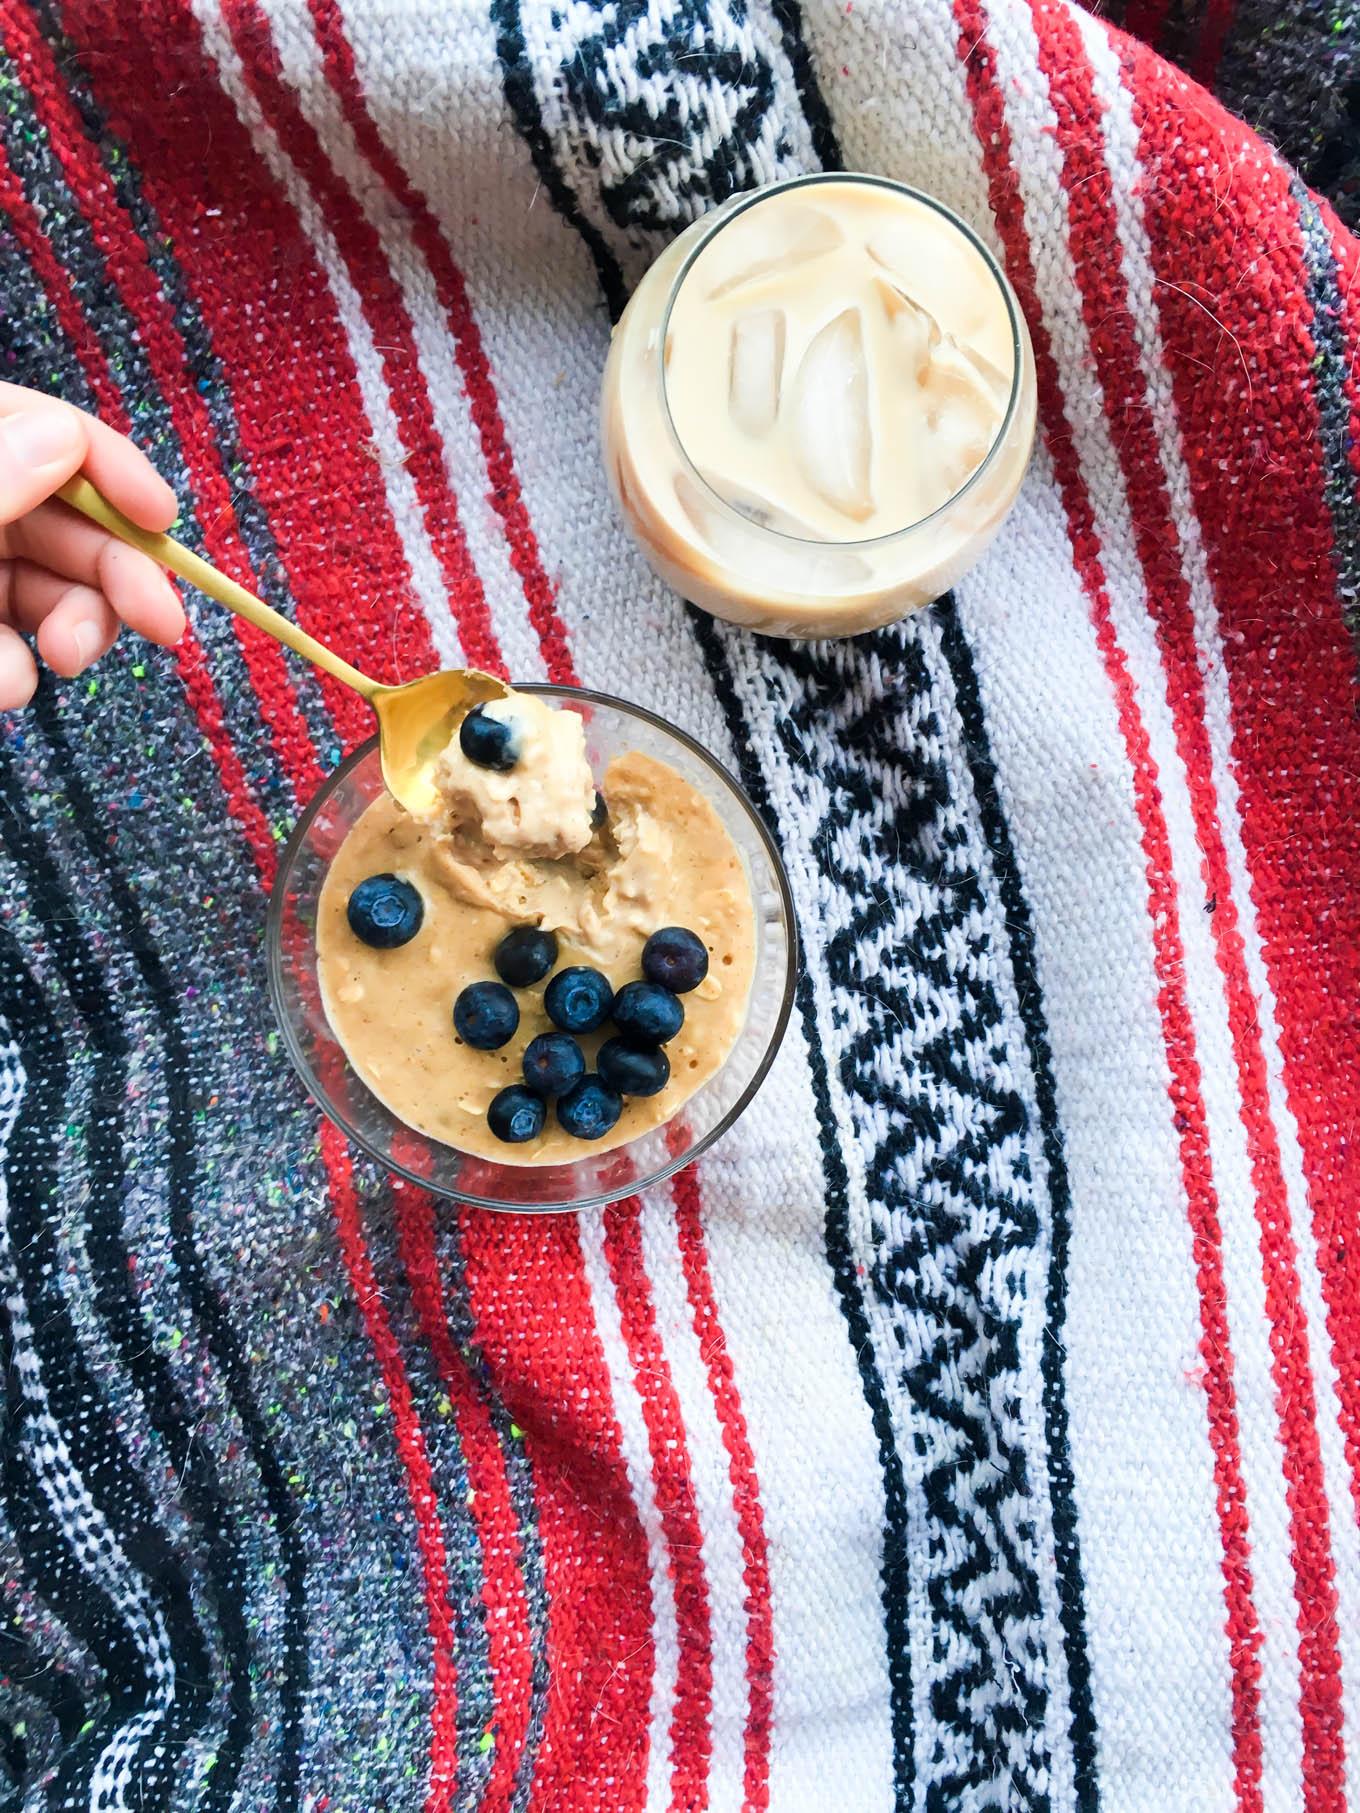 ooey, gooey peanut butter breakfast cake | immaEATthat.com